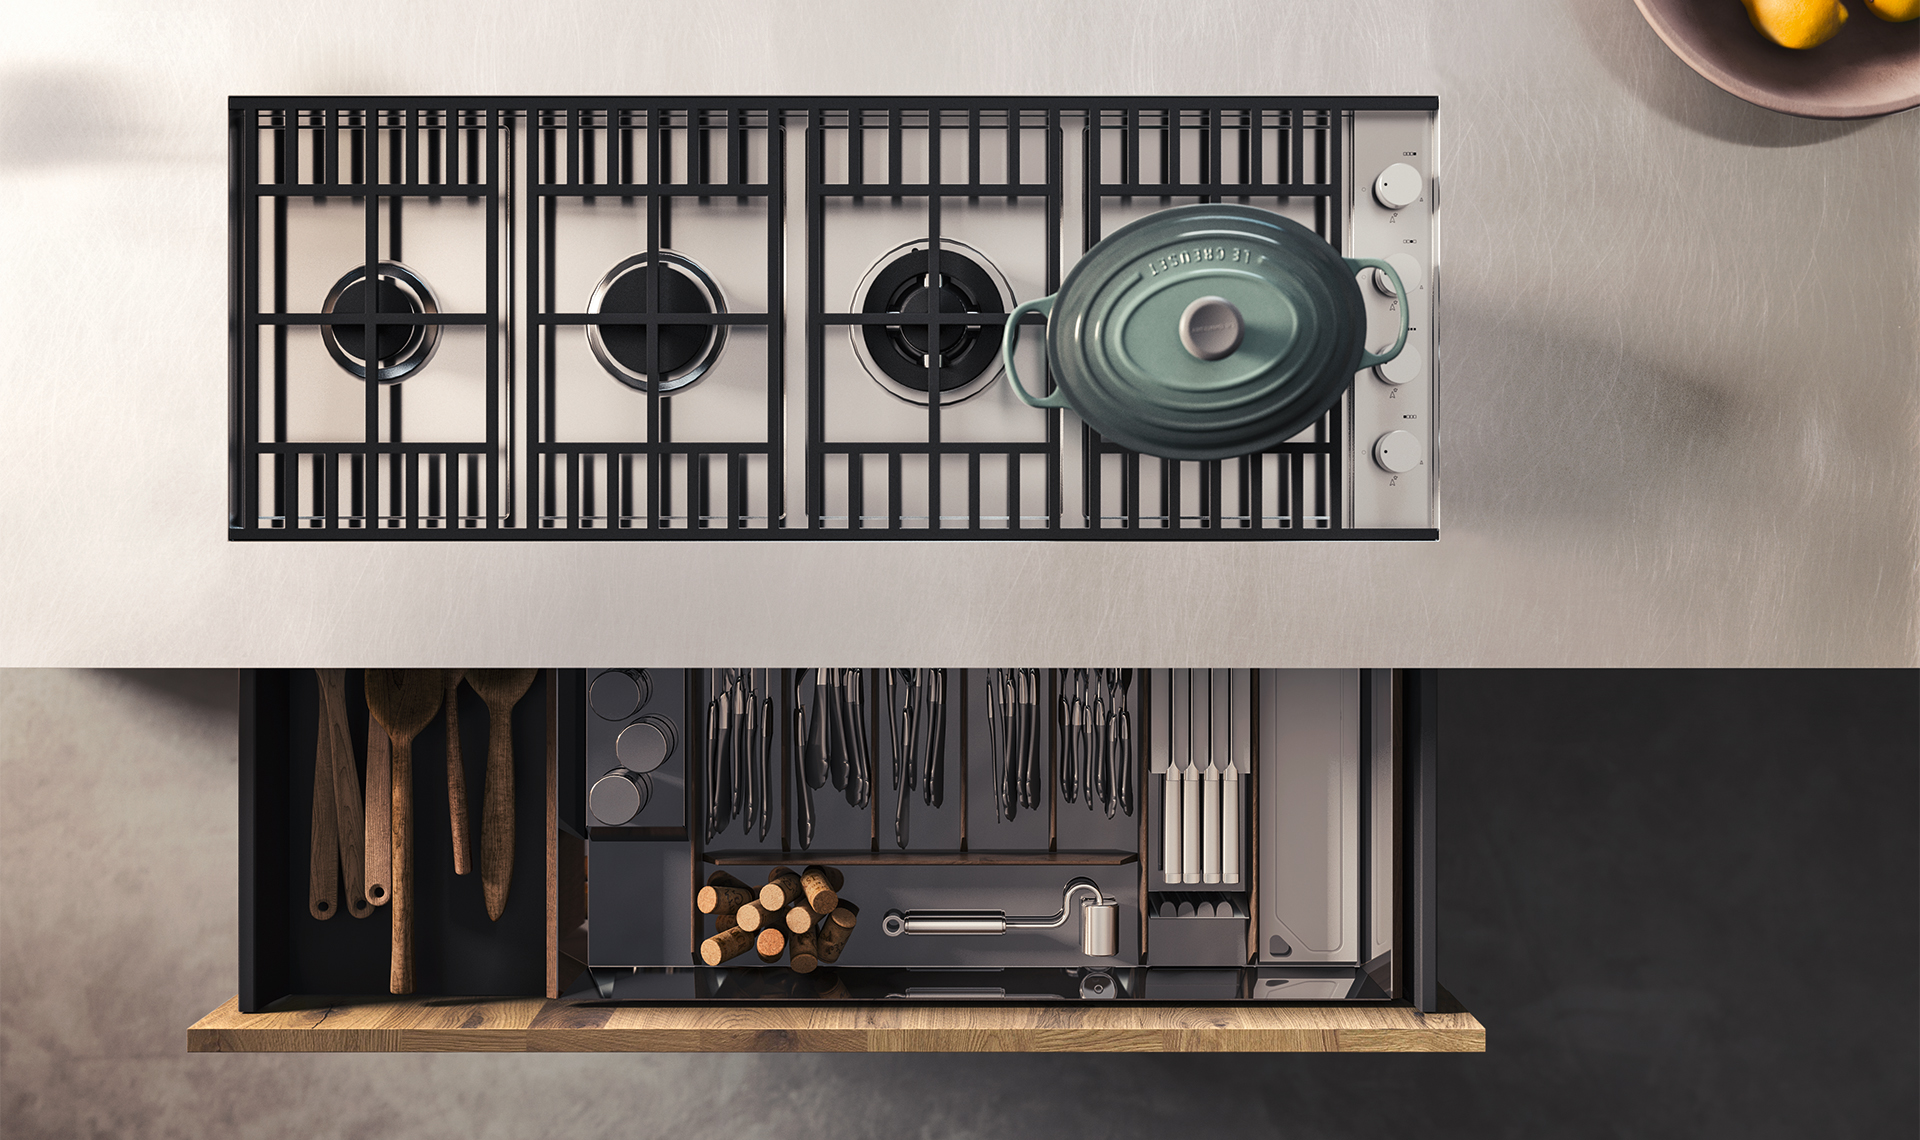 Cucine Moderne Di Alta Qualita.Cucine Moderne Lineatre Kucita Gli Esperti Dell